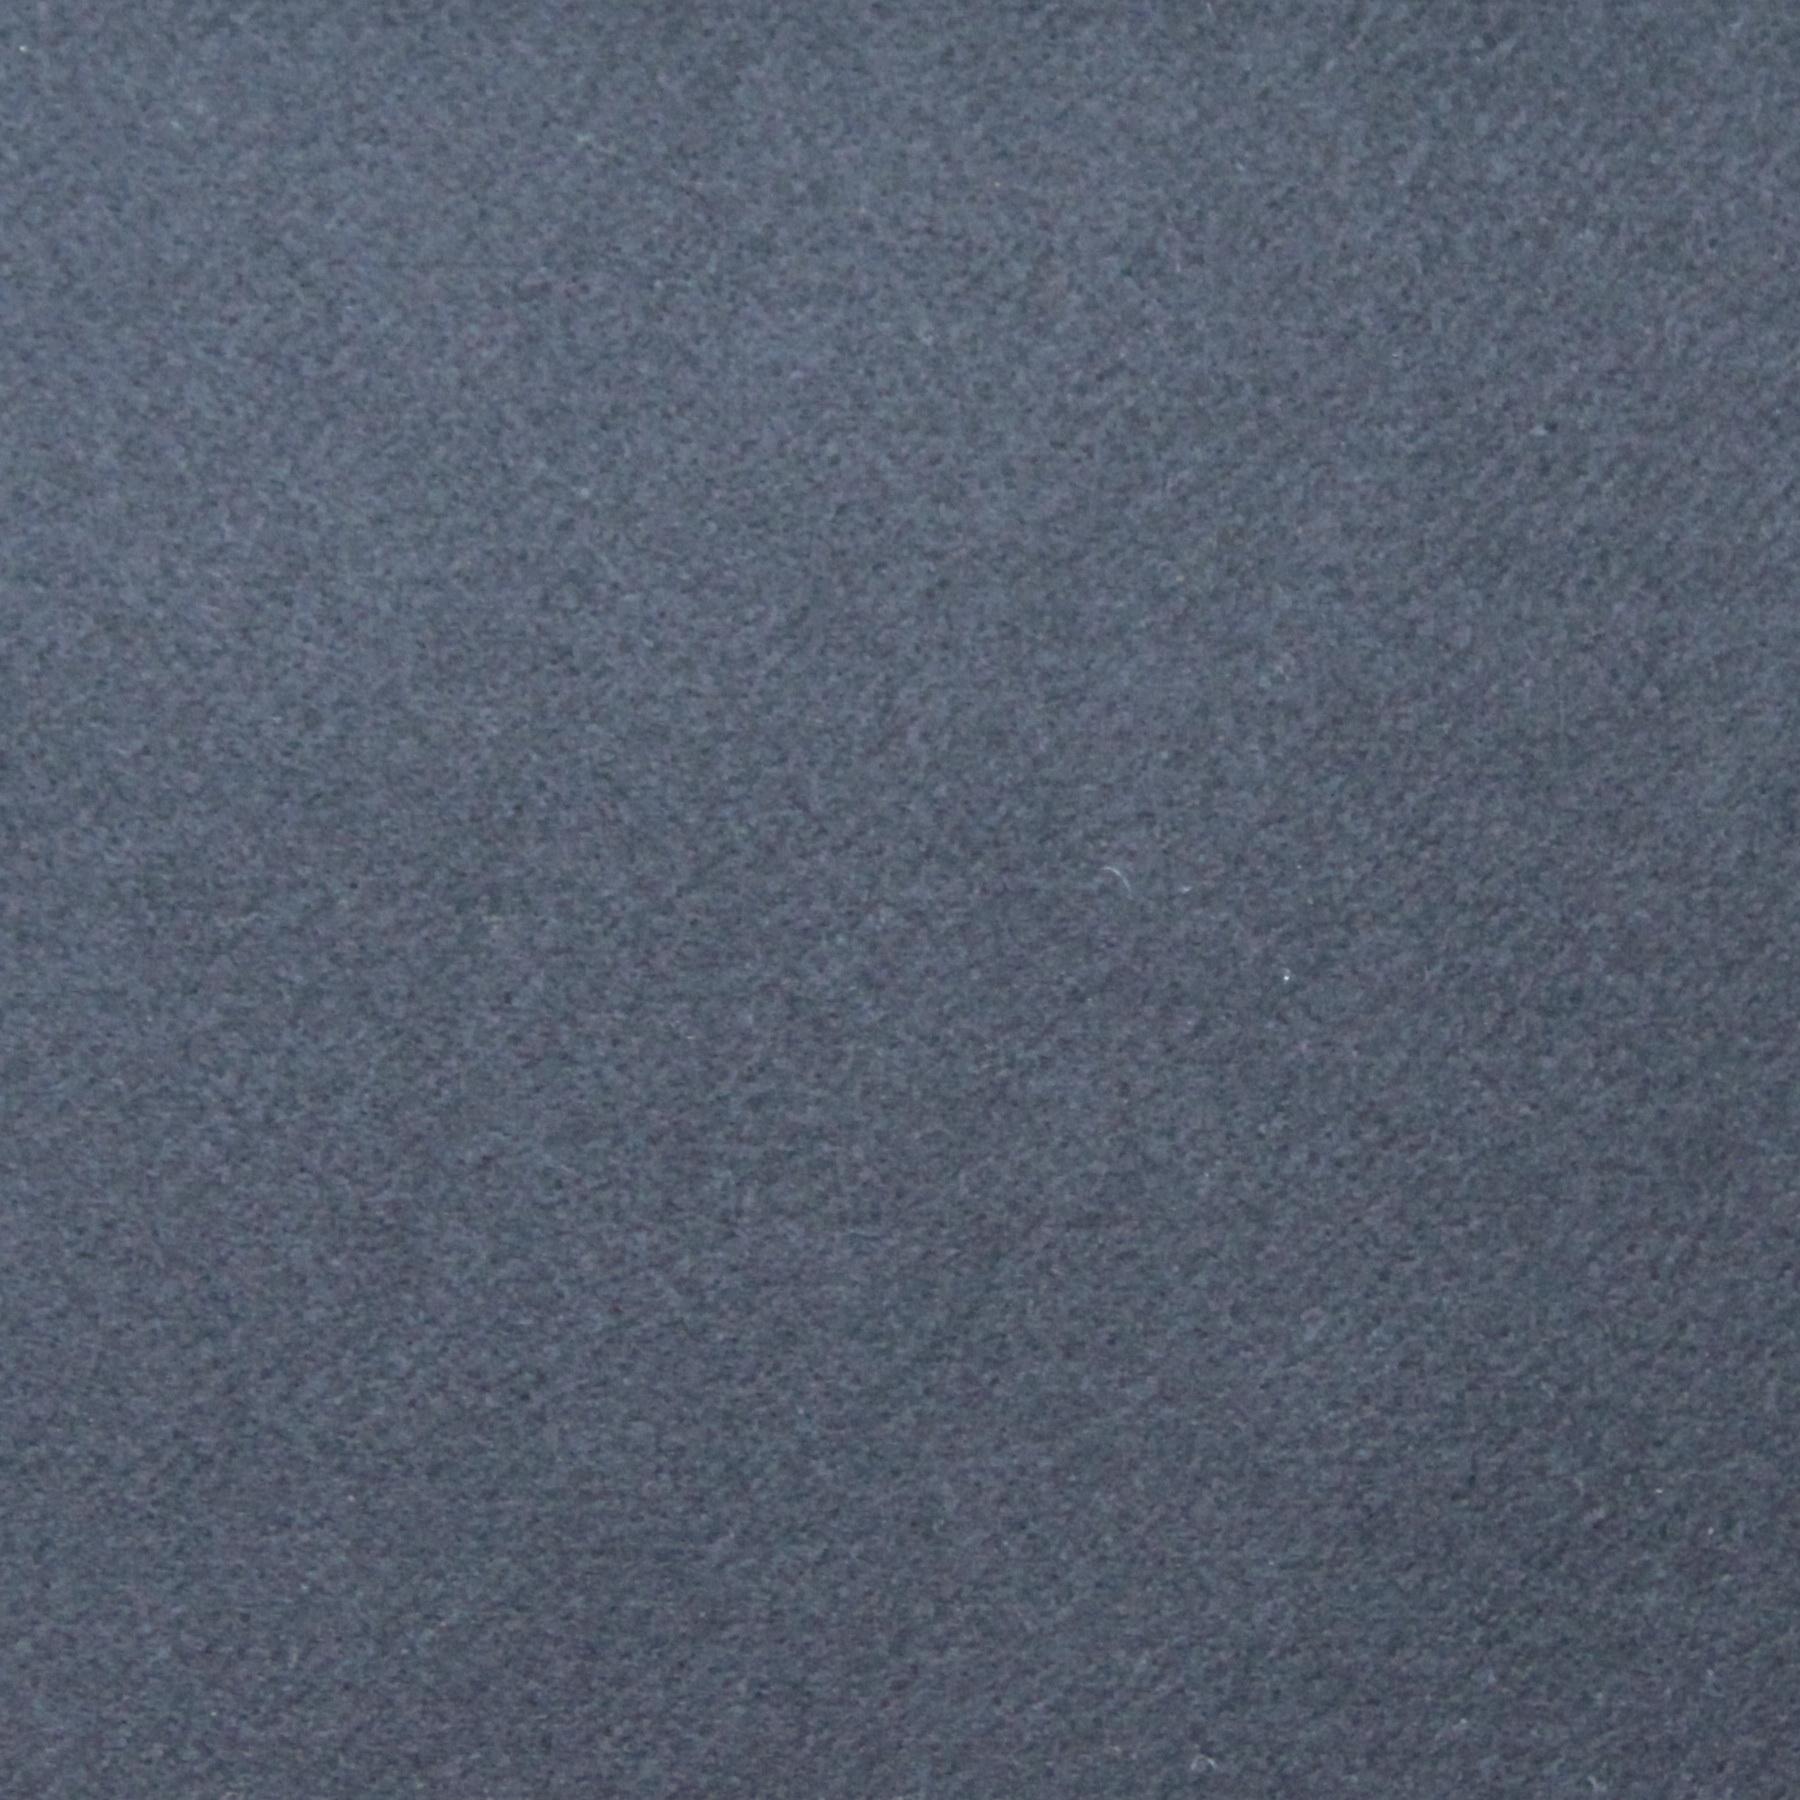 涤纶仿粗纺呢绒